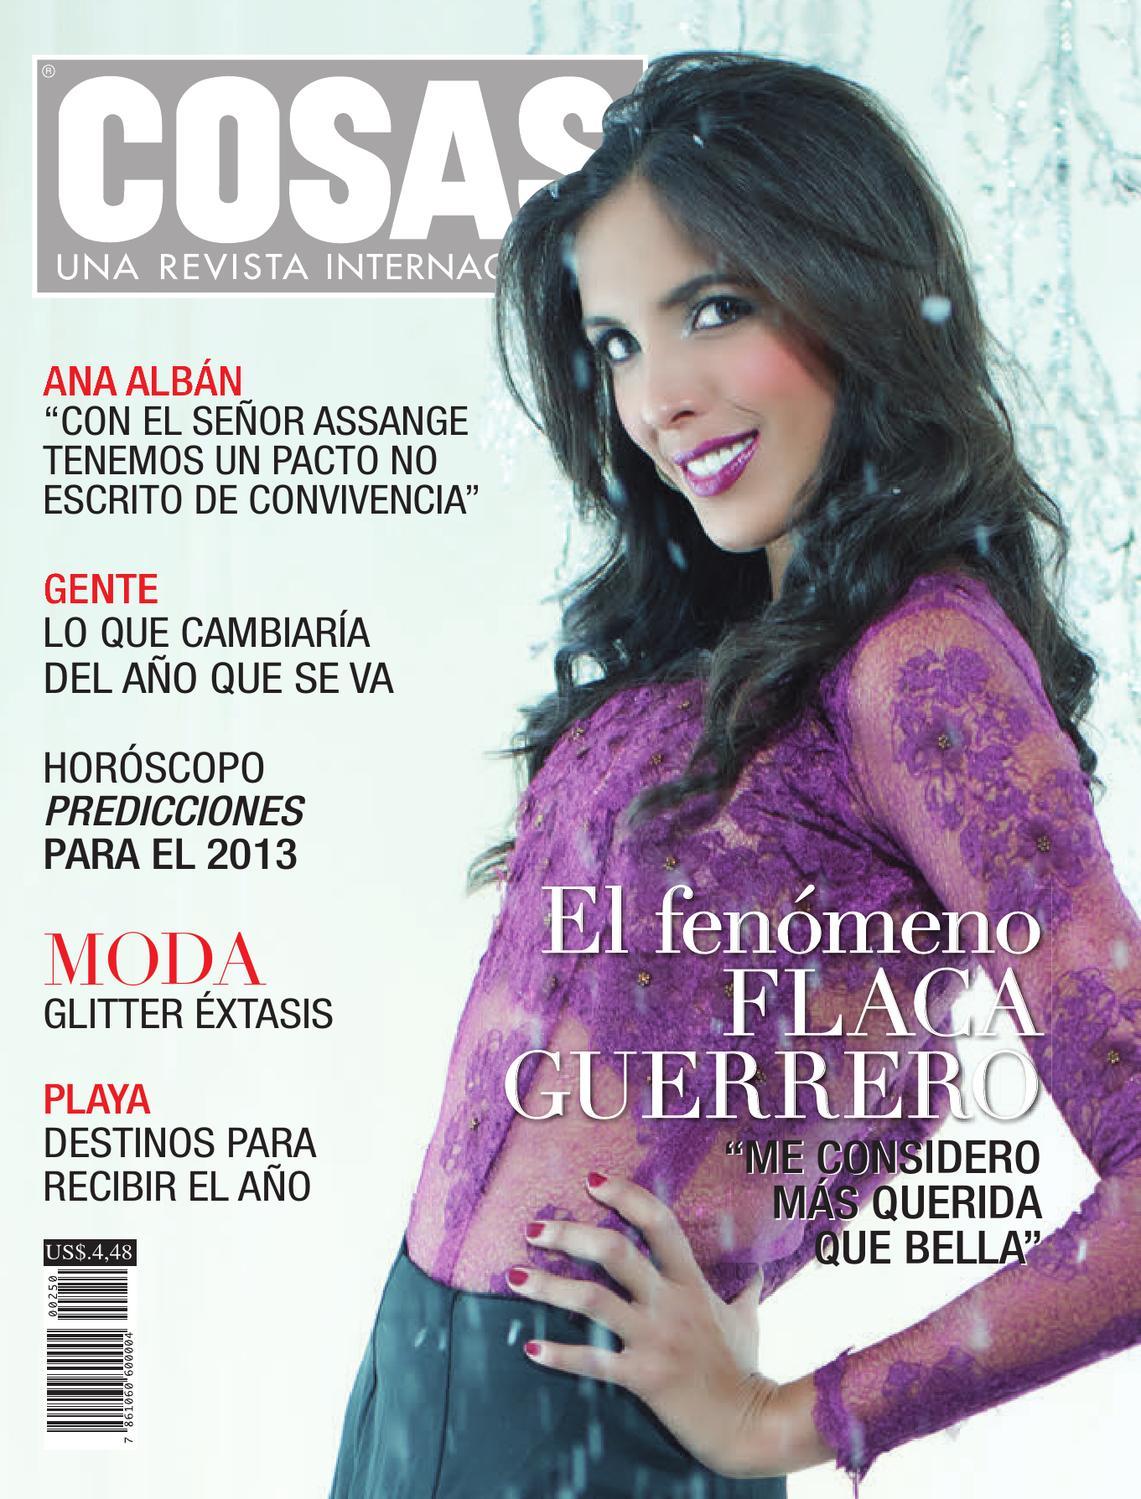 Revista Cosas #250 Diciembre 2012 by Revista Cosas - issuu